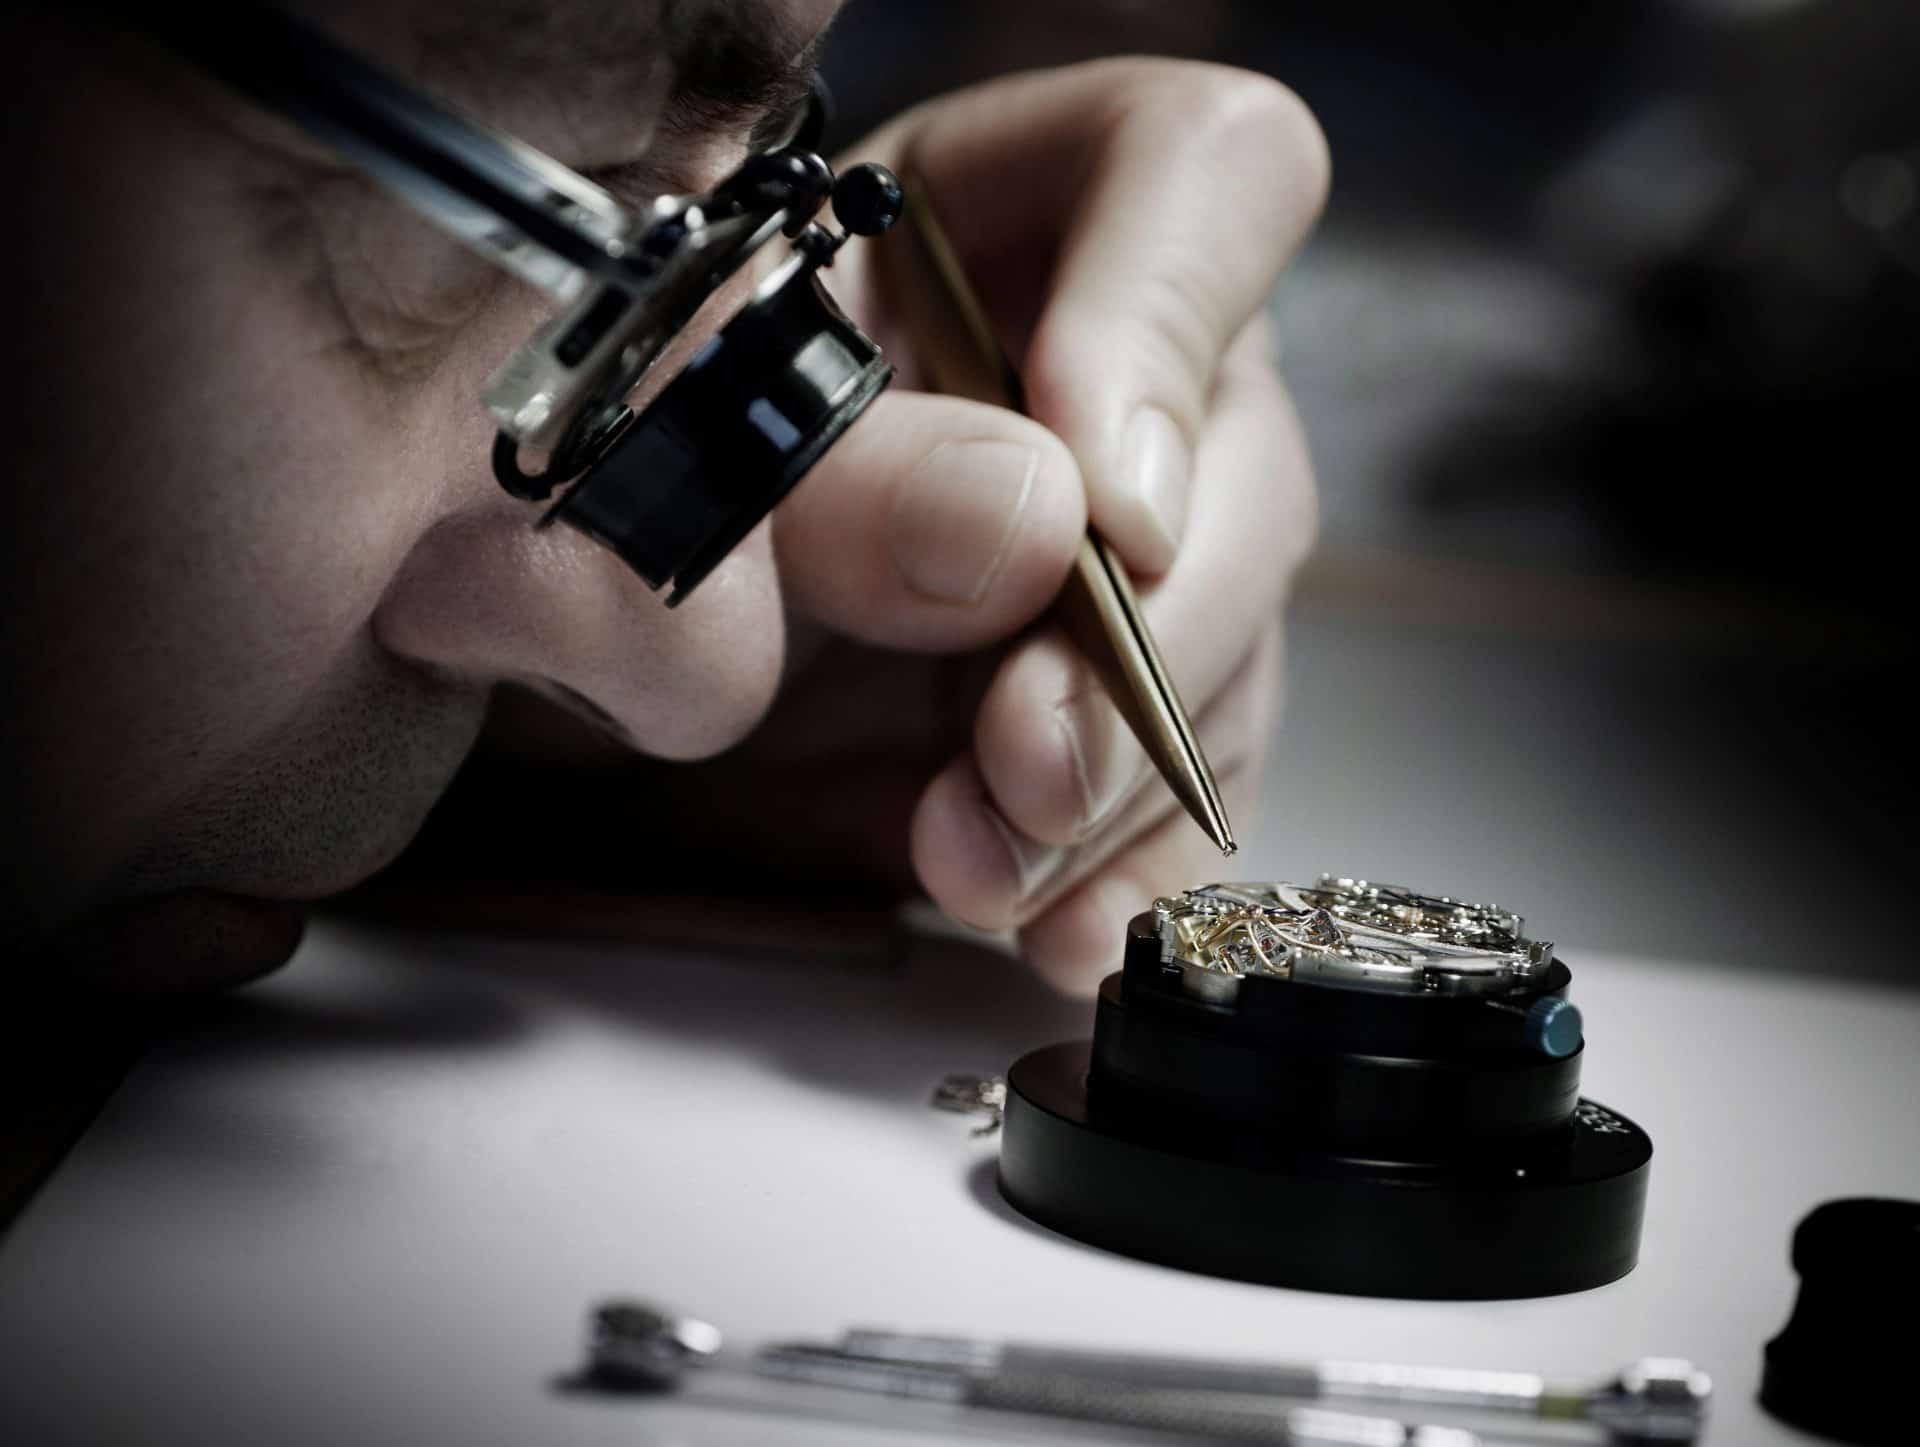 Manufaktur oder EtablisseurWas unterscheidet eine Manufaktur von einem Etablisseur?